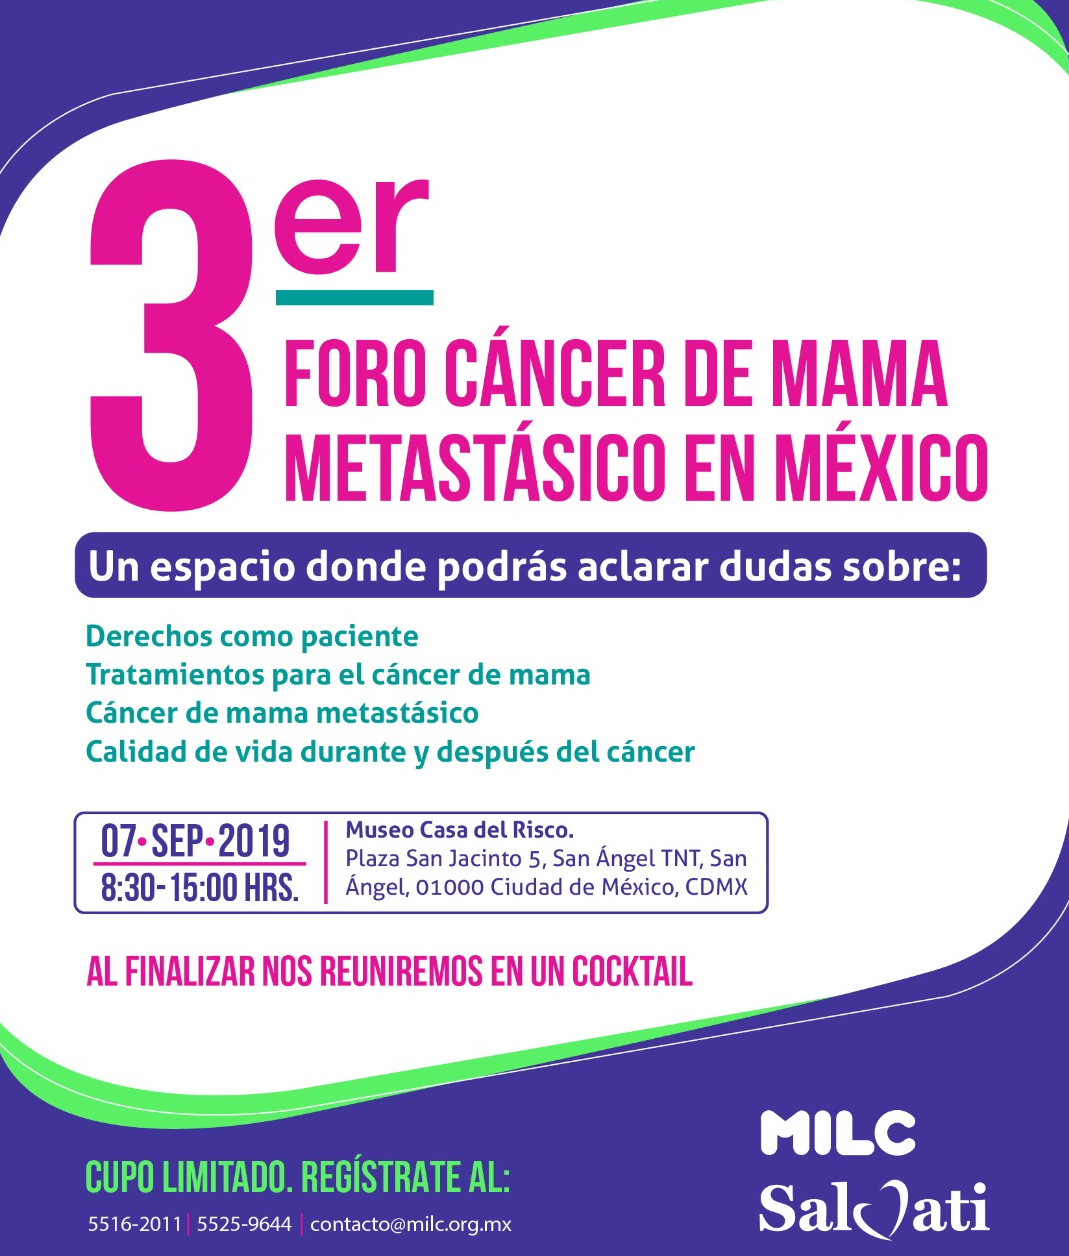 Invitación 3er Foro Cáncer de Mama Metastásico en México